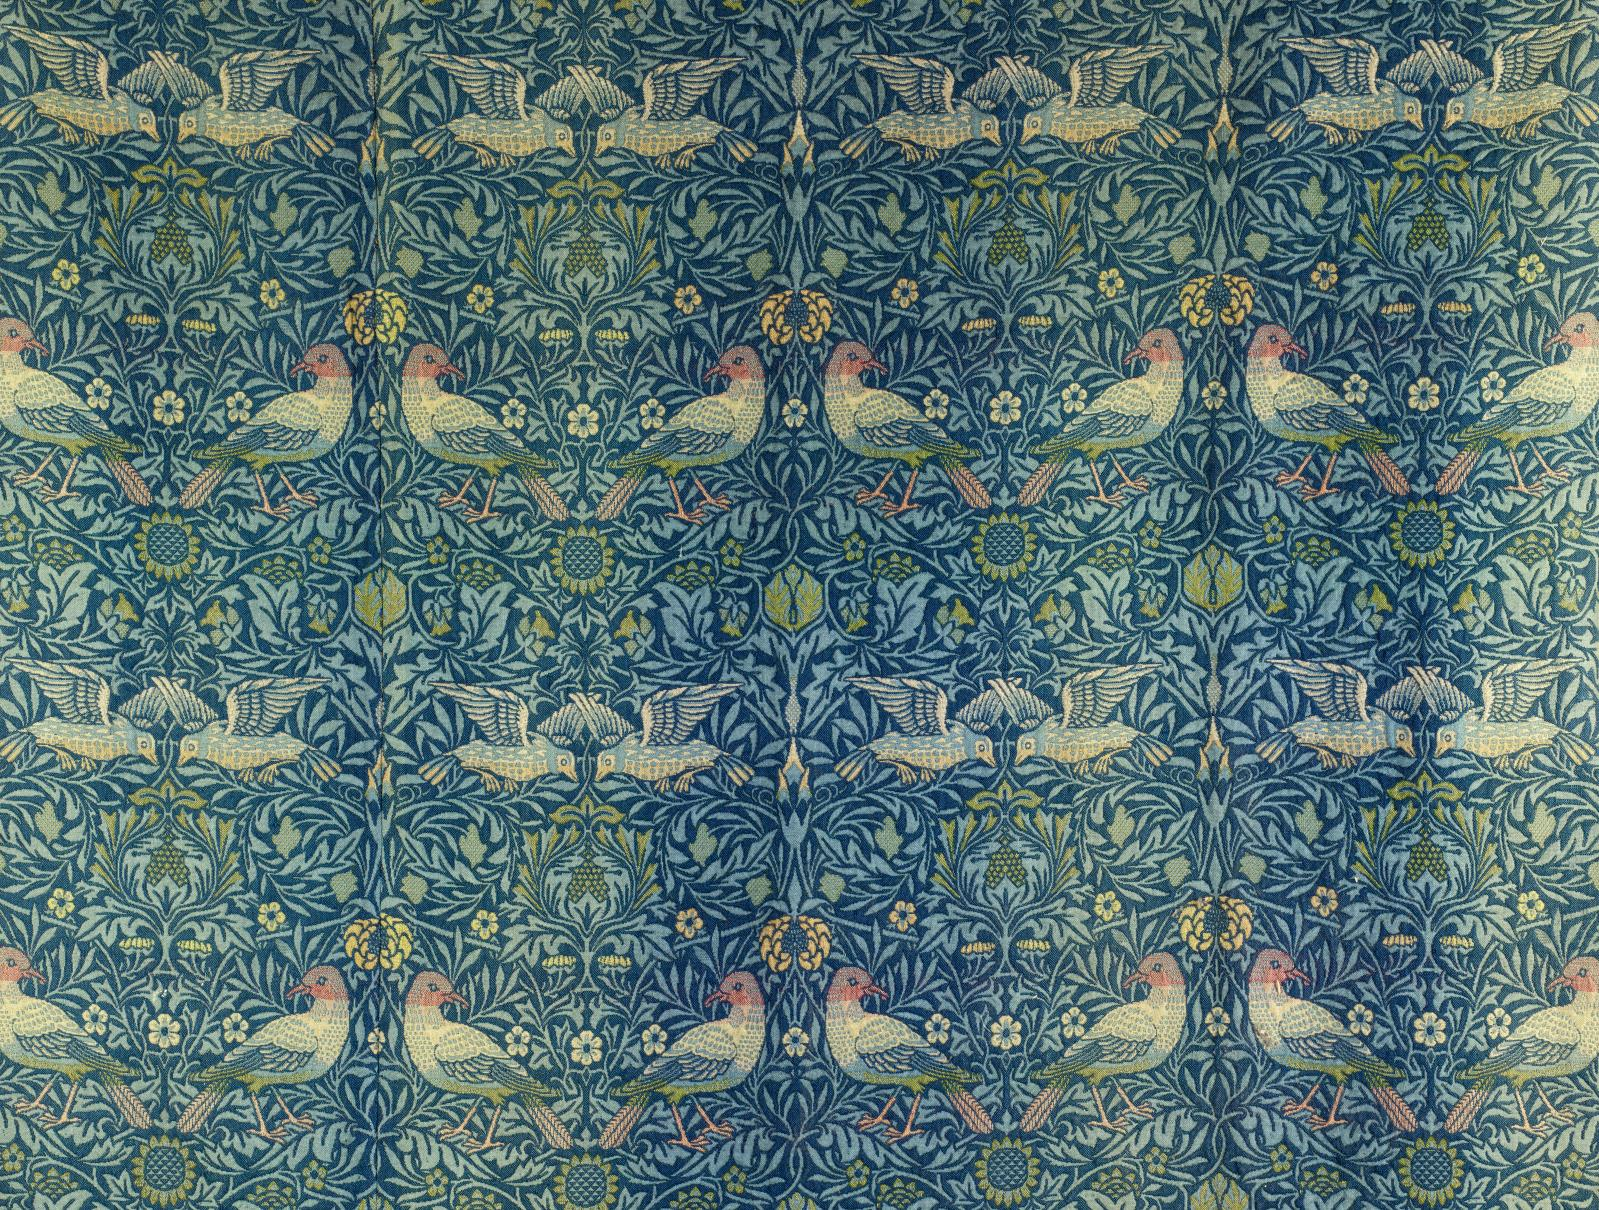 William Morris, Les Oiseaux,1877-1878, laine tissée, 208x165cm (détail),Paris, musée d'Orsay. © RMN-Grand Palais (Musée d'Orsay)/Patr